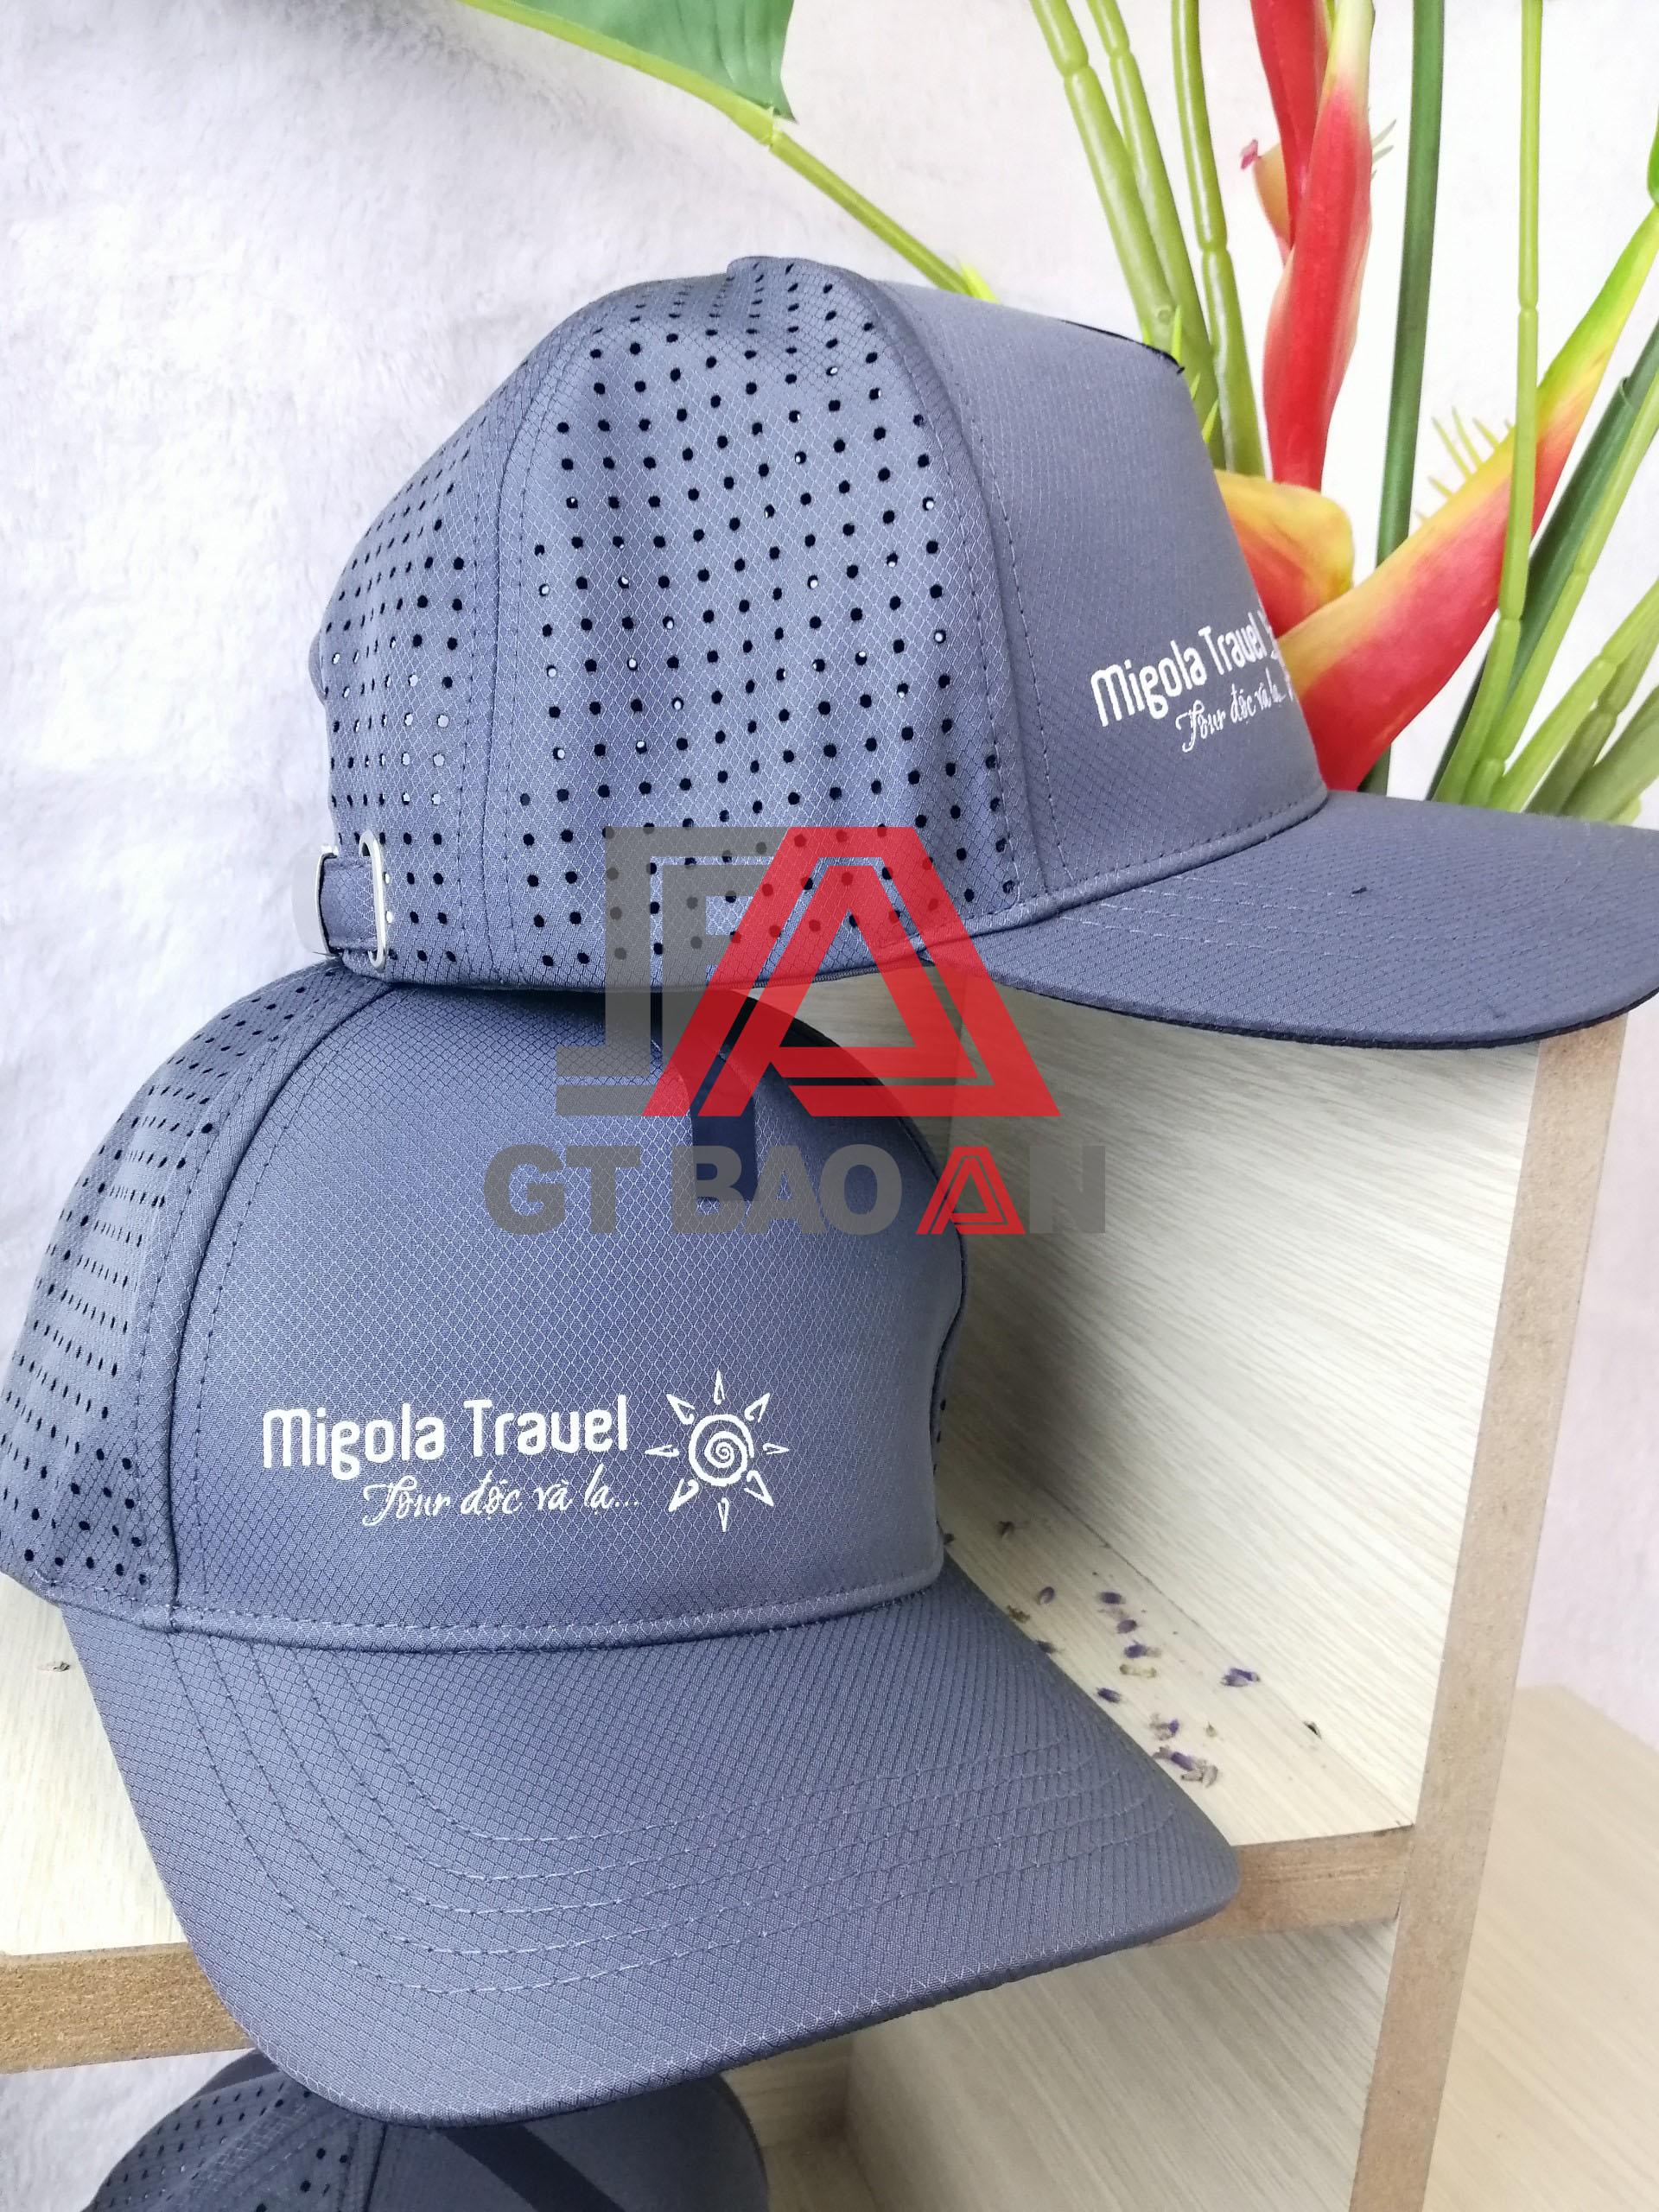 Nón kết quằ tặng Migola Travel